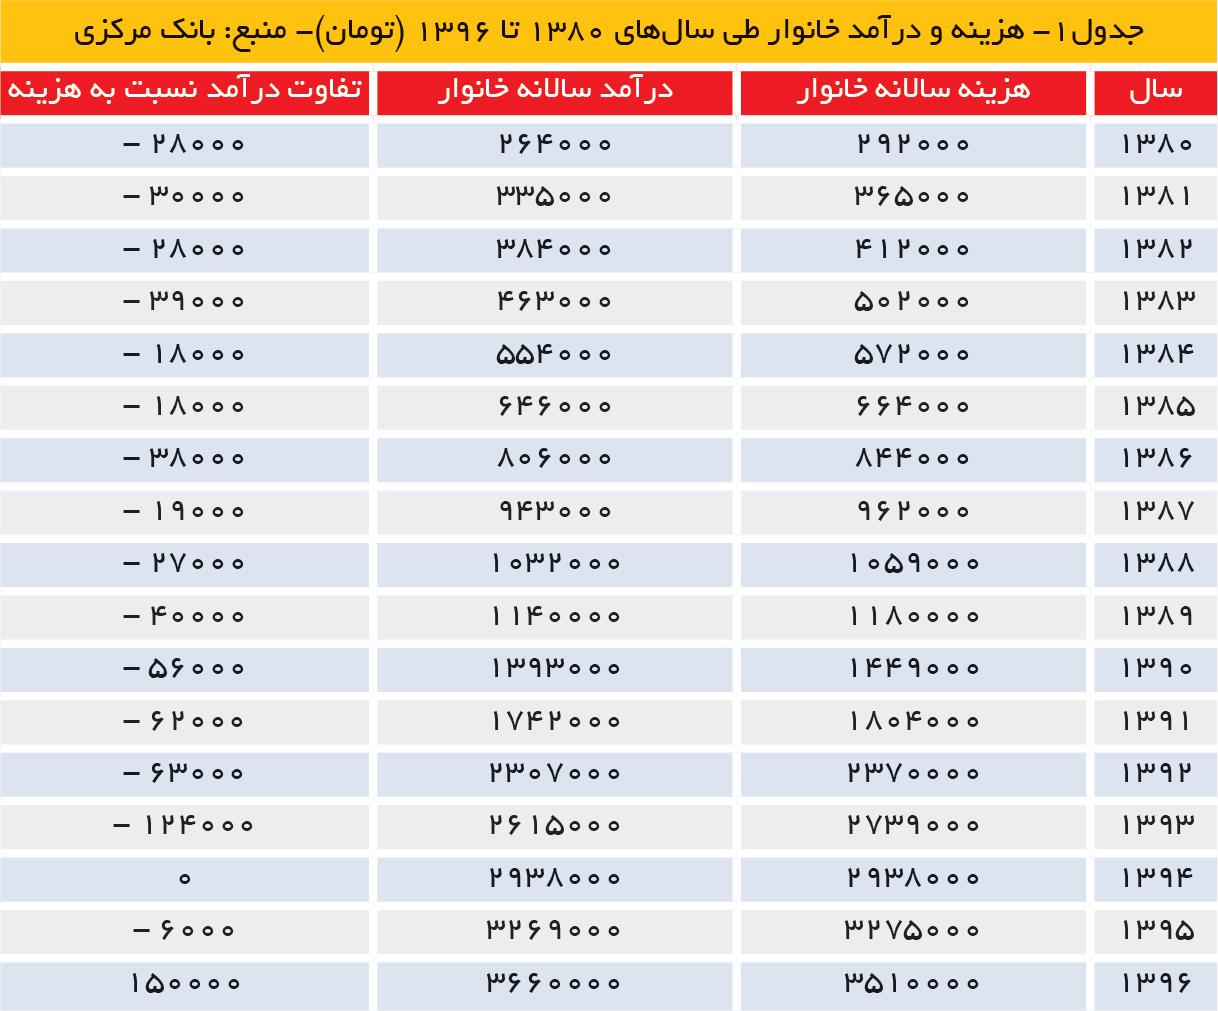 تجارت فردا- جدول1- هزینه و درآمد خانوار طی سالهای 1380 تا 1396 (تومان)- منبع: بانک مرکزی